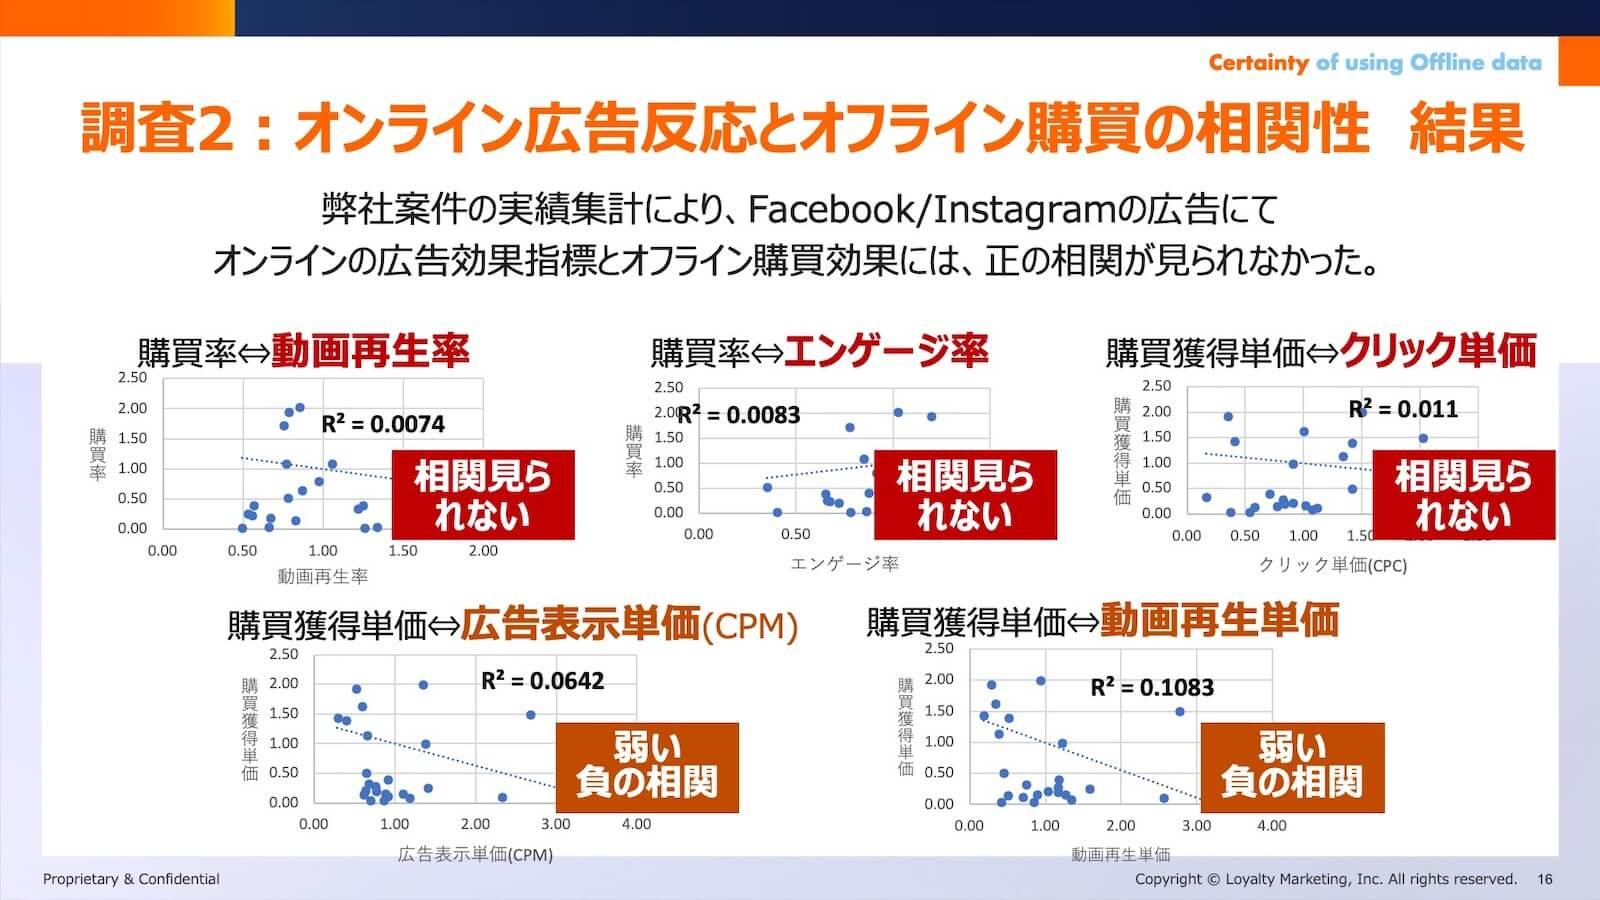 調査2:オンライン広告反応とオフライン購買の相関性 結果